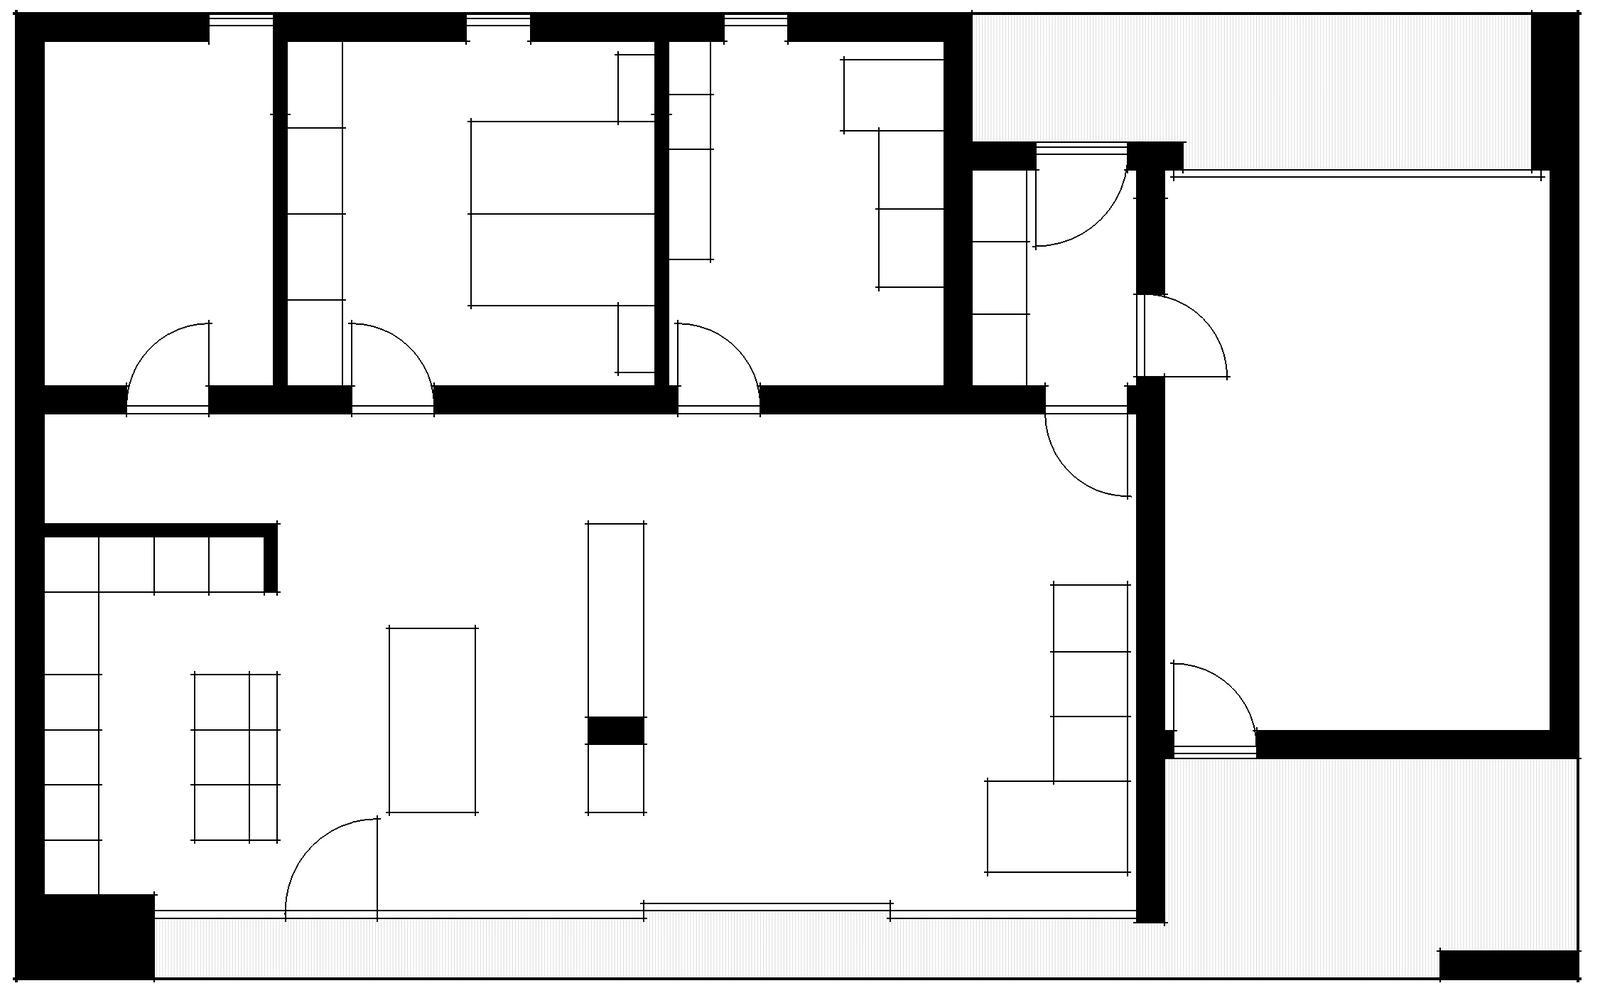 Dom vizualizacia - Obrázok č. 23